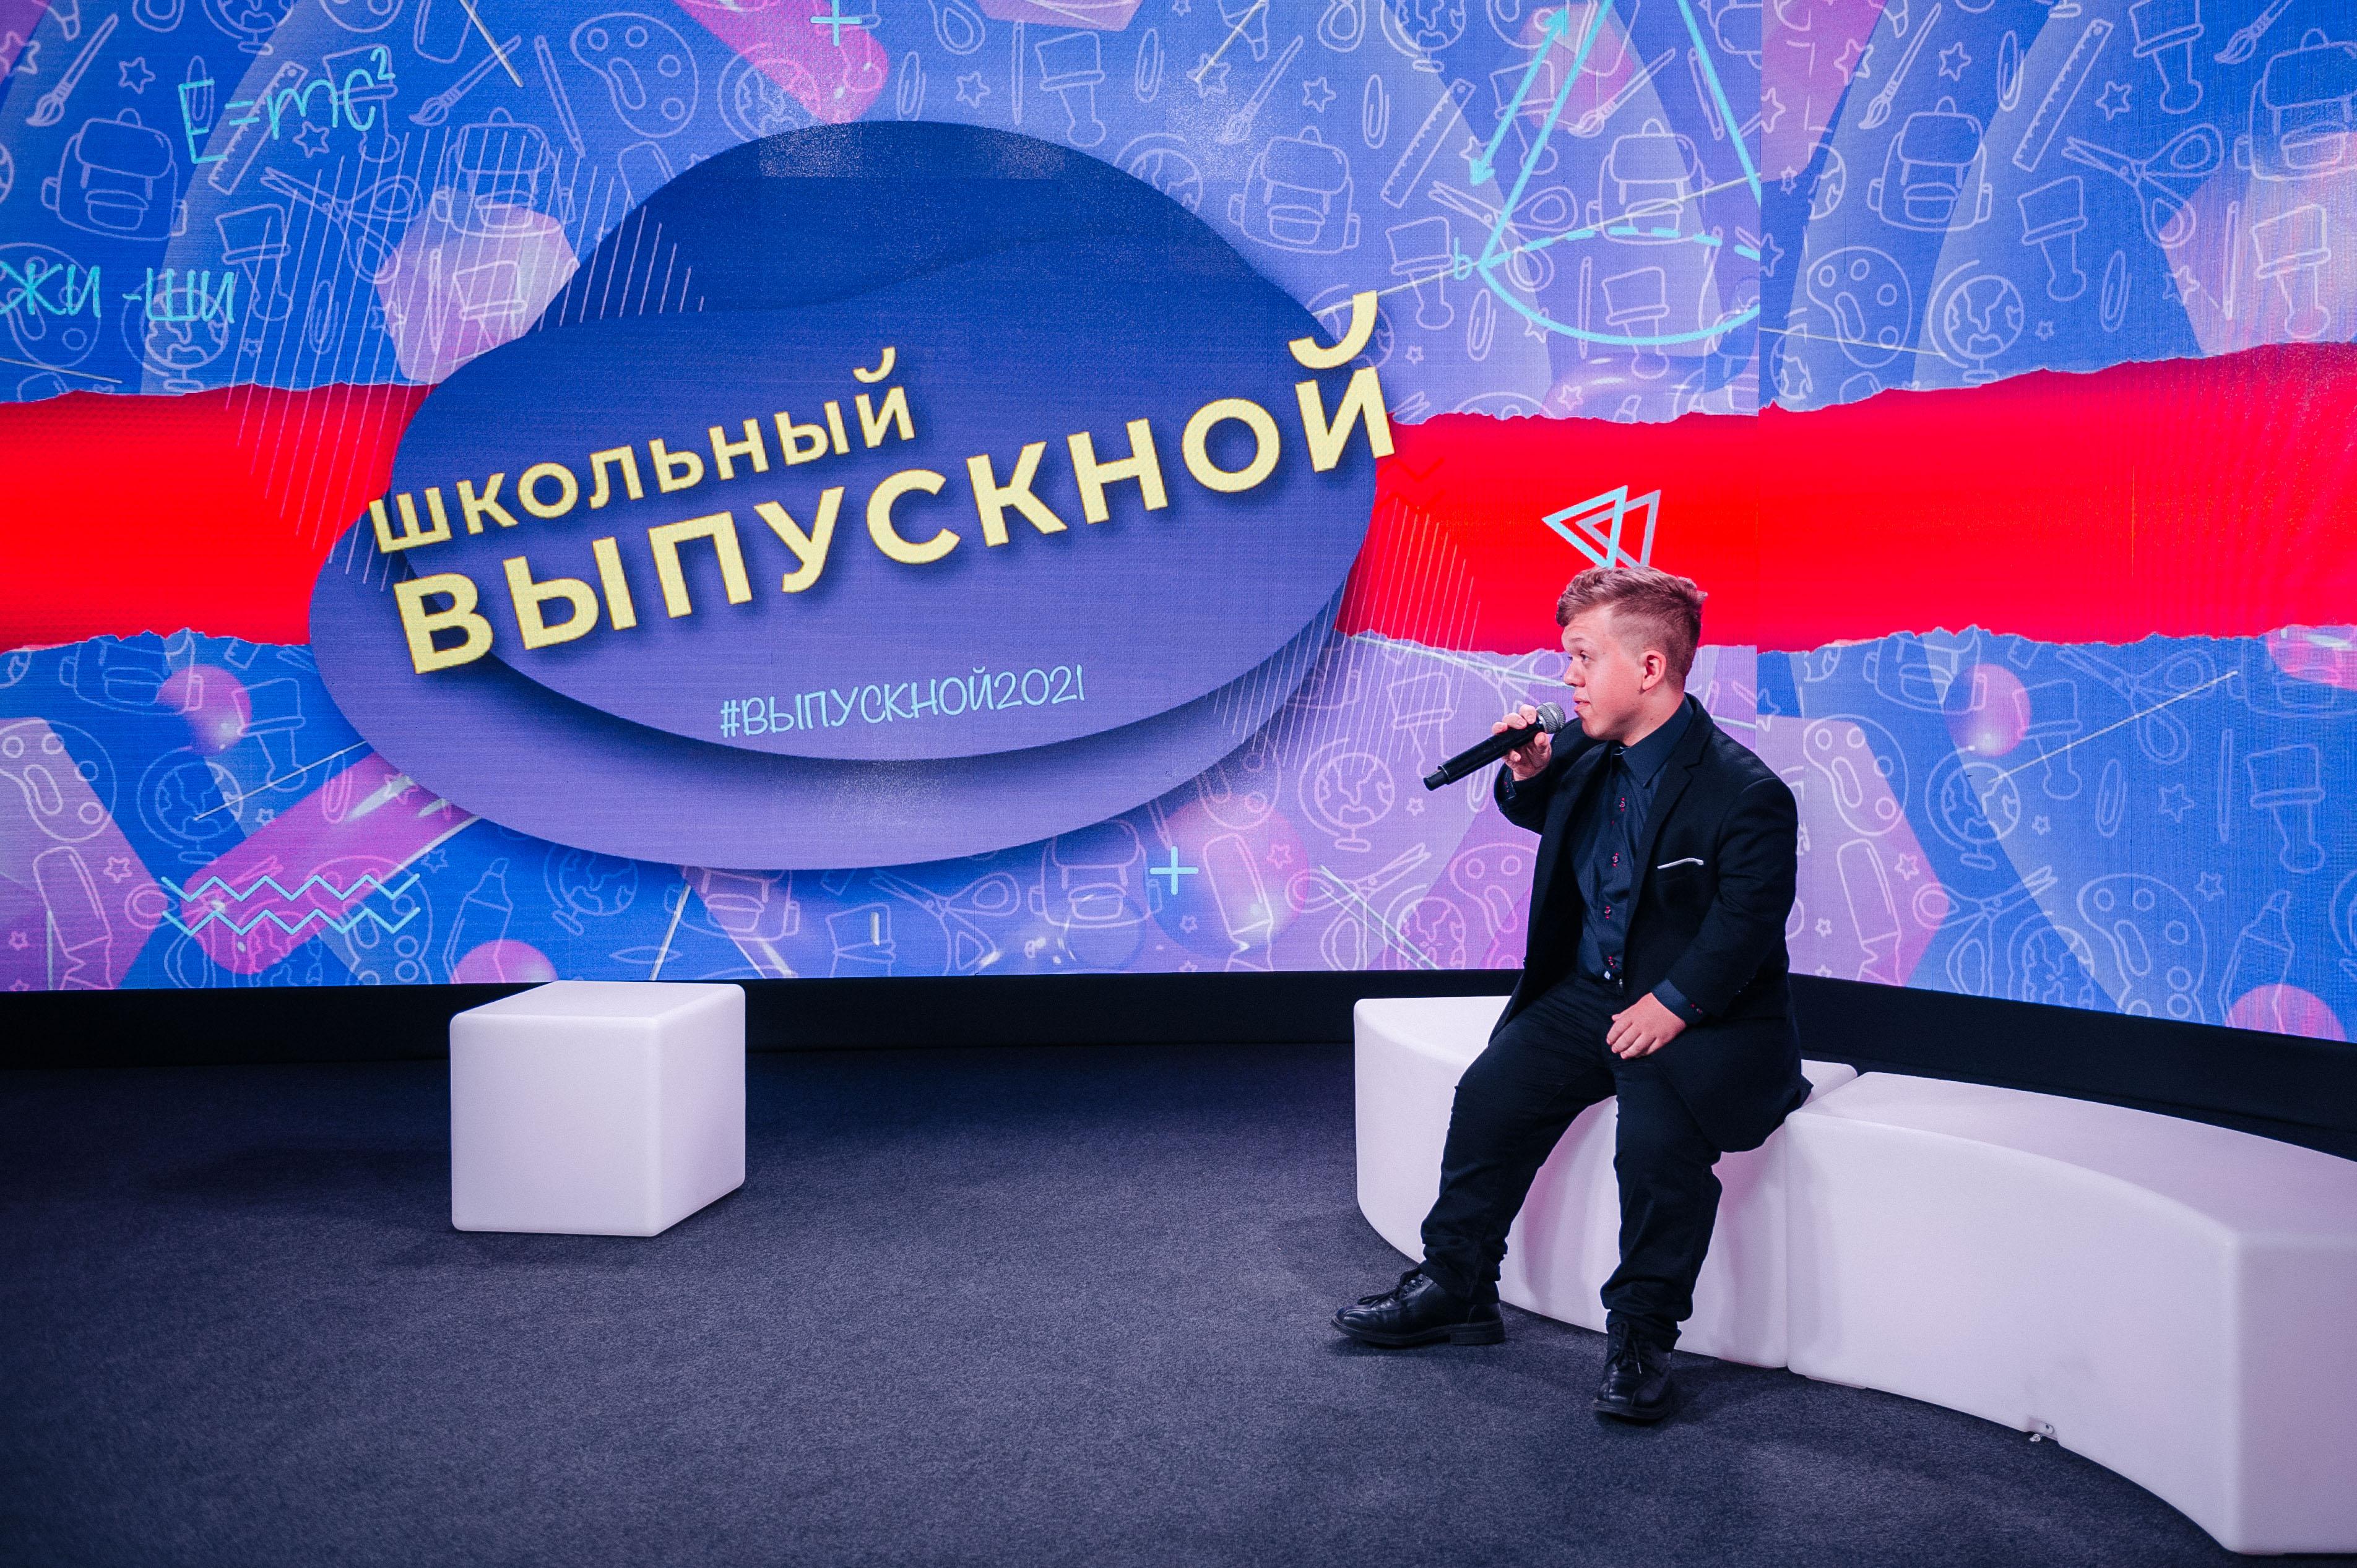 Участник онлайн-выпускного при соорганизации от Обрсоюза